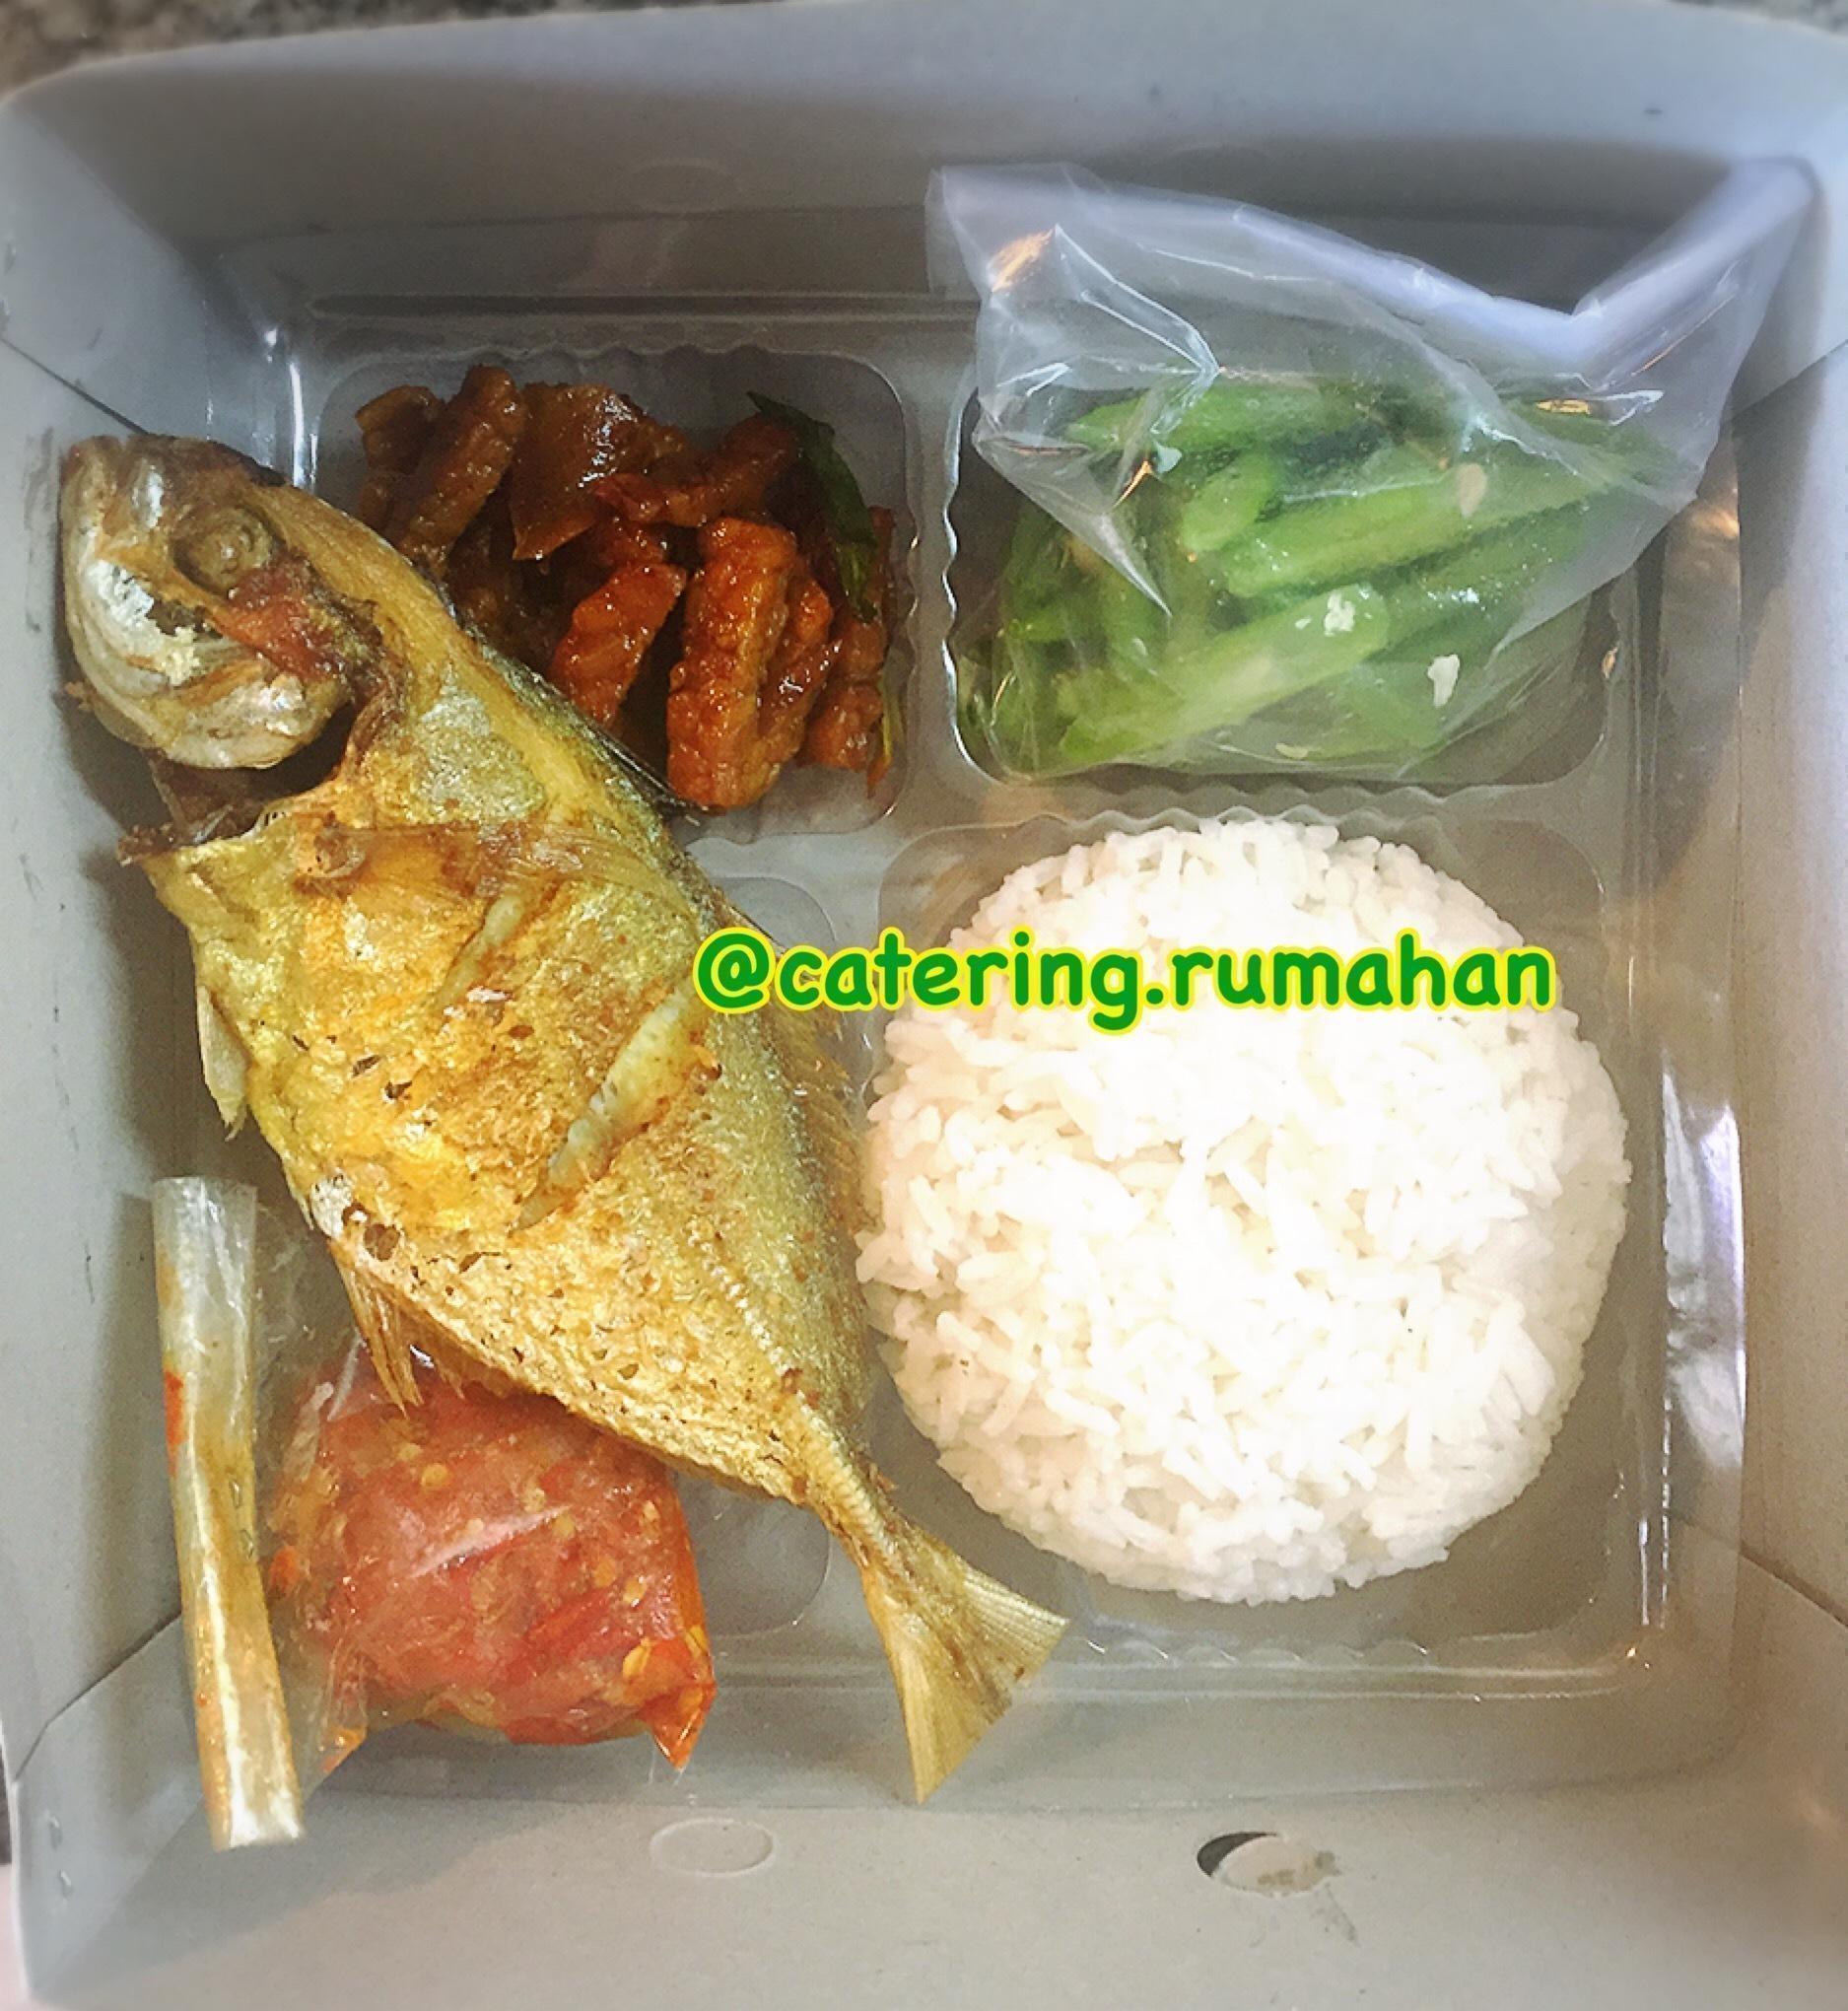 Catering Rumahan